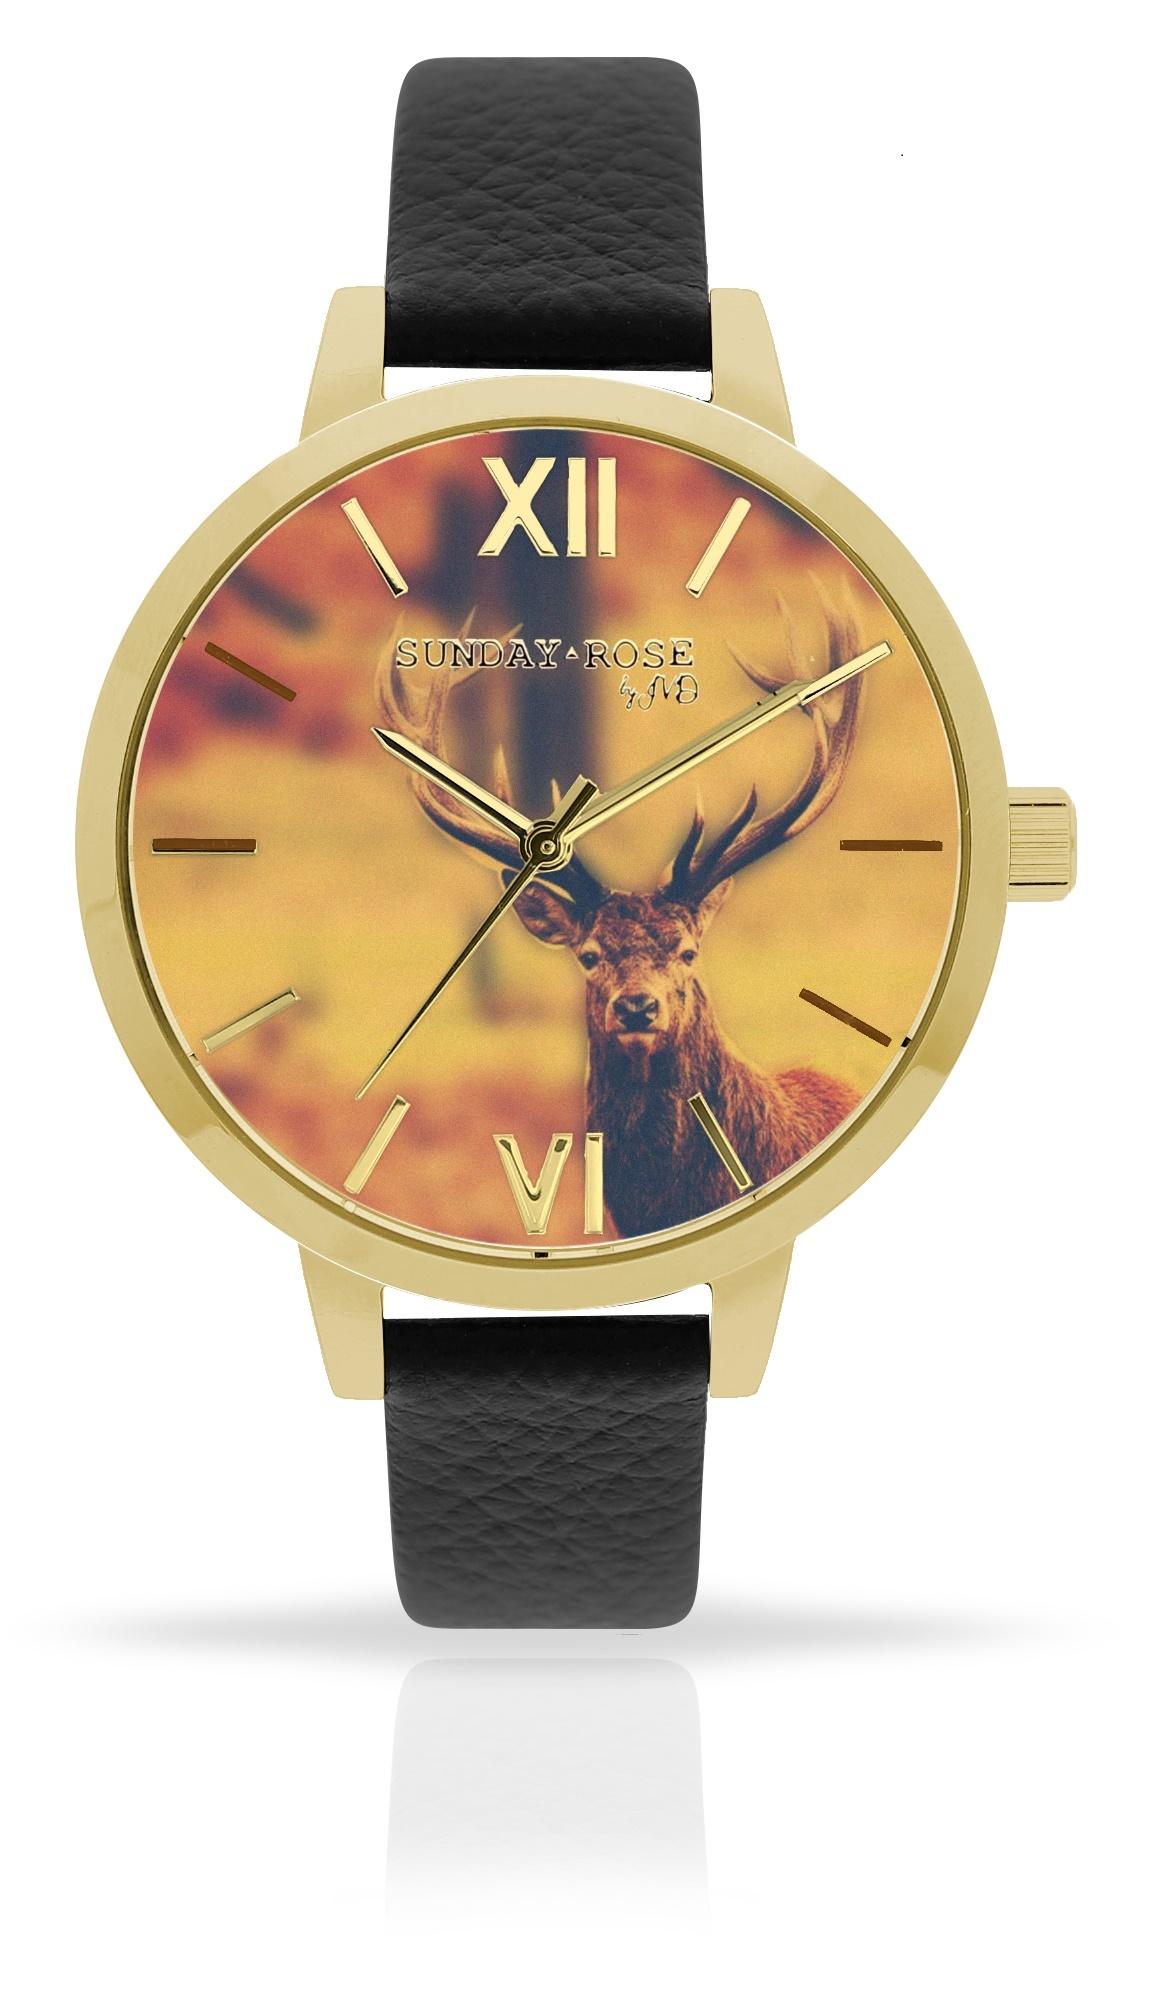 Dámské luxusní designové hodinkySUNDAY ROSE Alive DEER MAJESTY (POŠTOVNÉ ZDARMA!!)